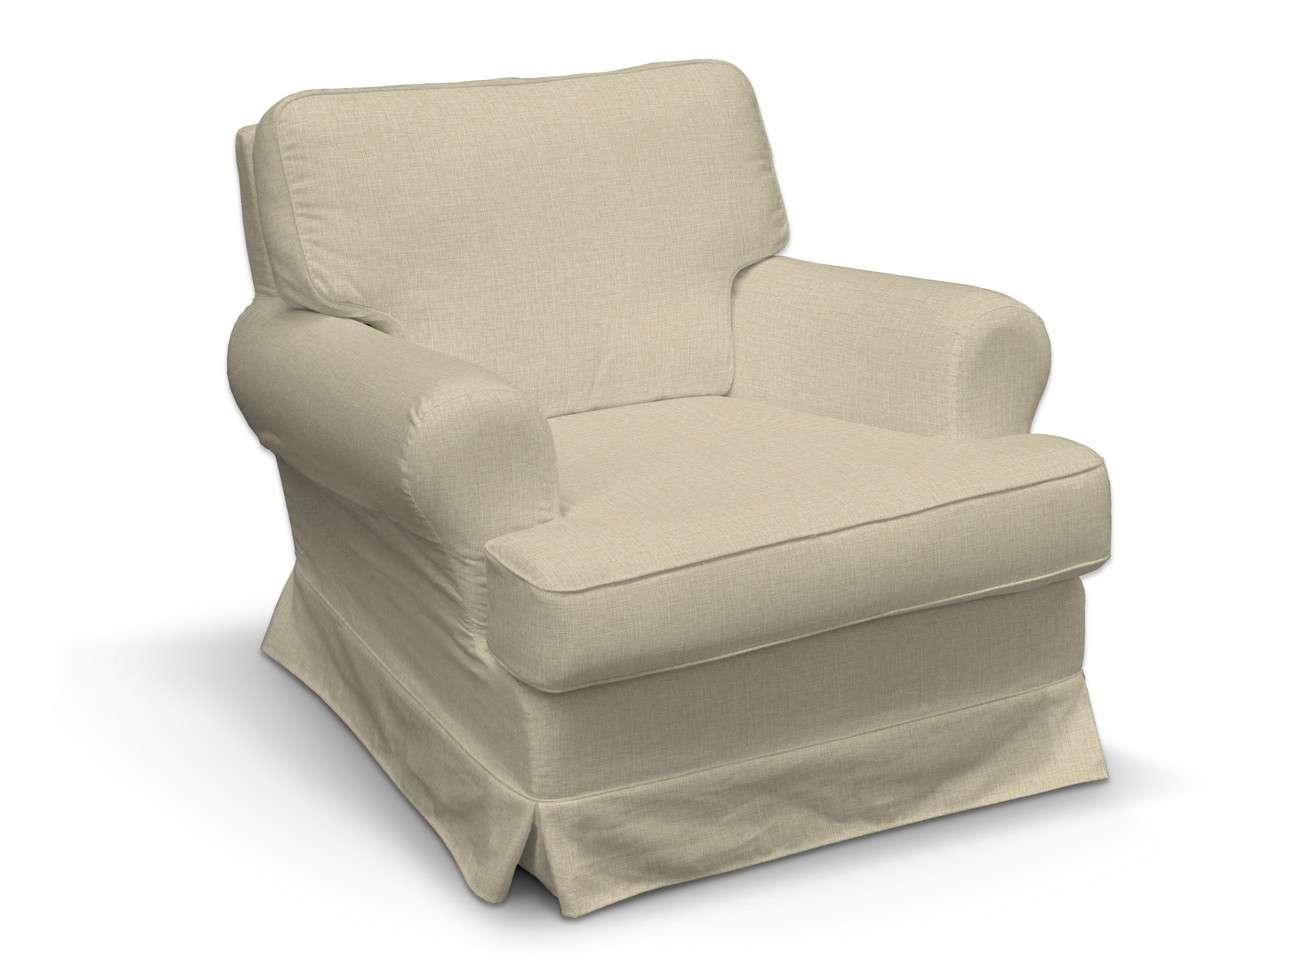 Pokrowiec na fotel Barkaby w kolekcji Living, tkanina: 161-45